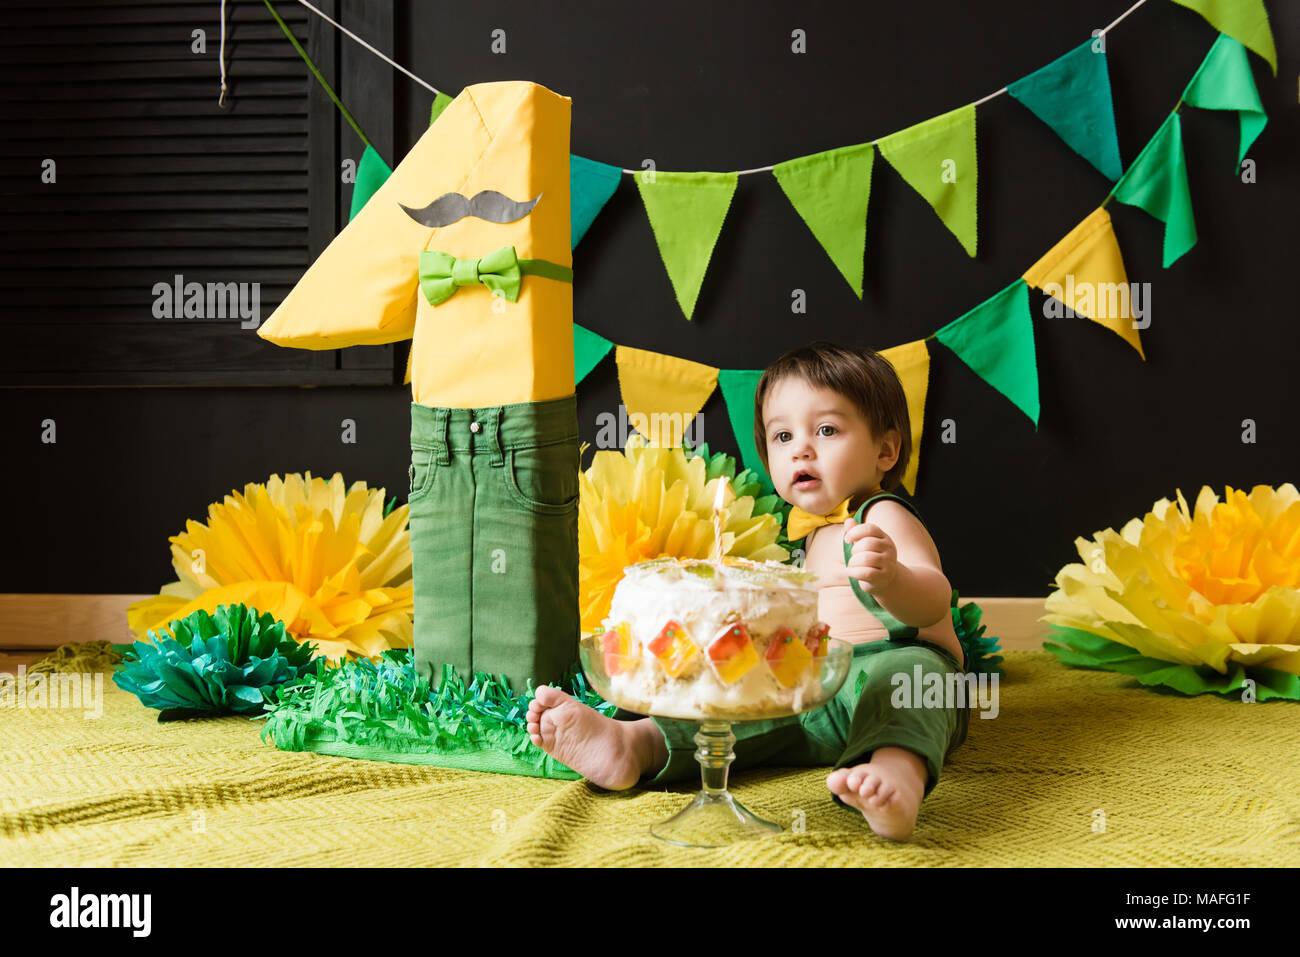 Deco Jaune Et Vert partie d'un an bébé avec décoration de papier jaune et vert